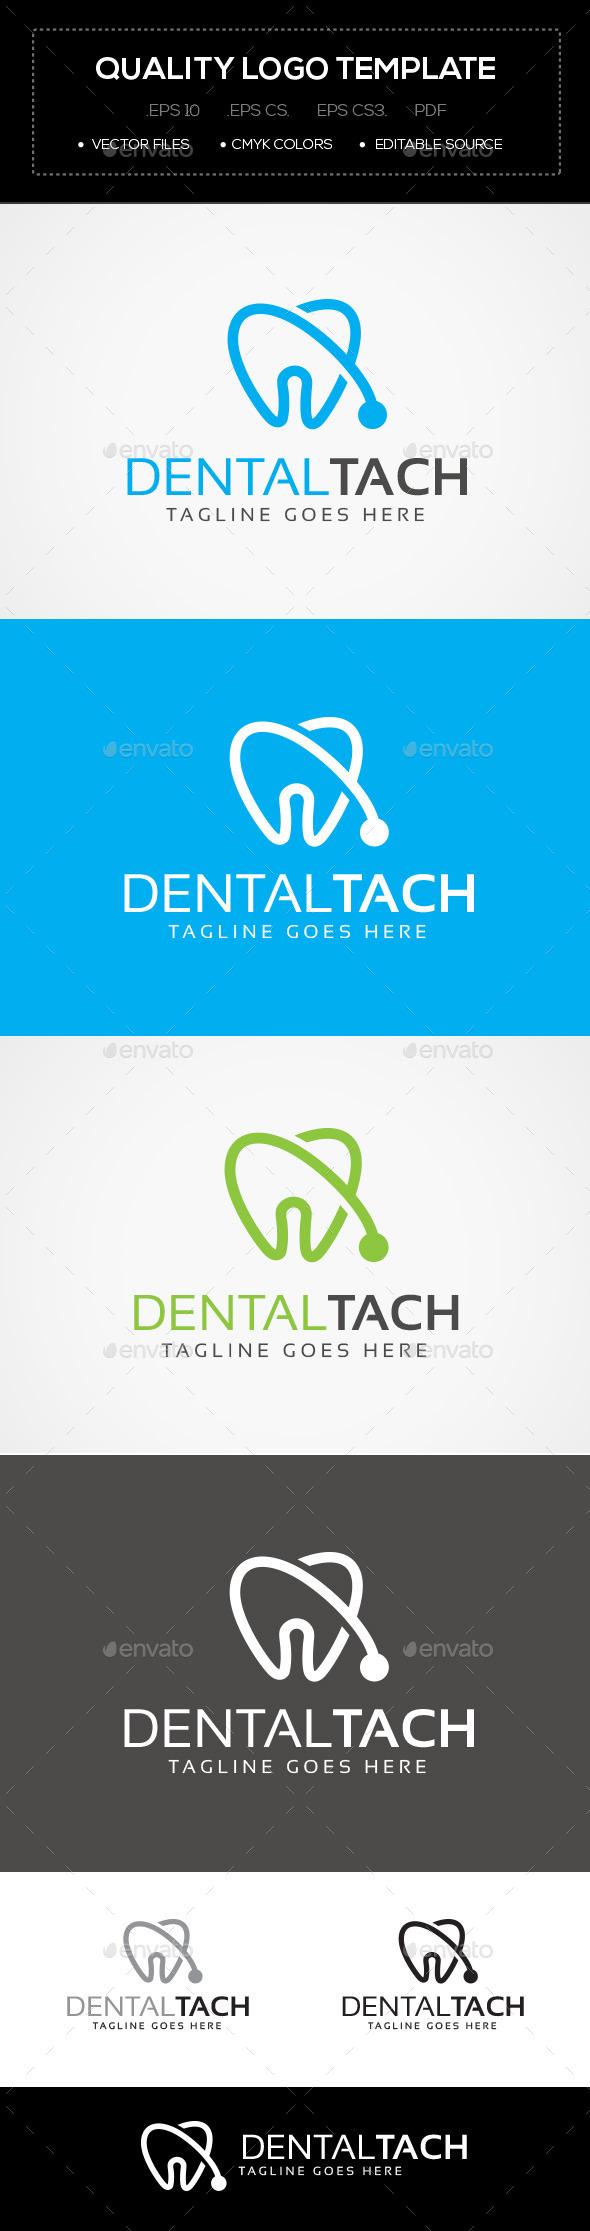 Dental Tach Logo Template - Abstract Logo Templates